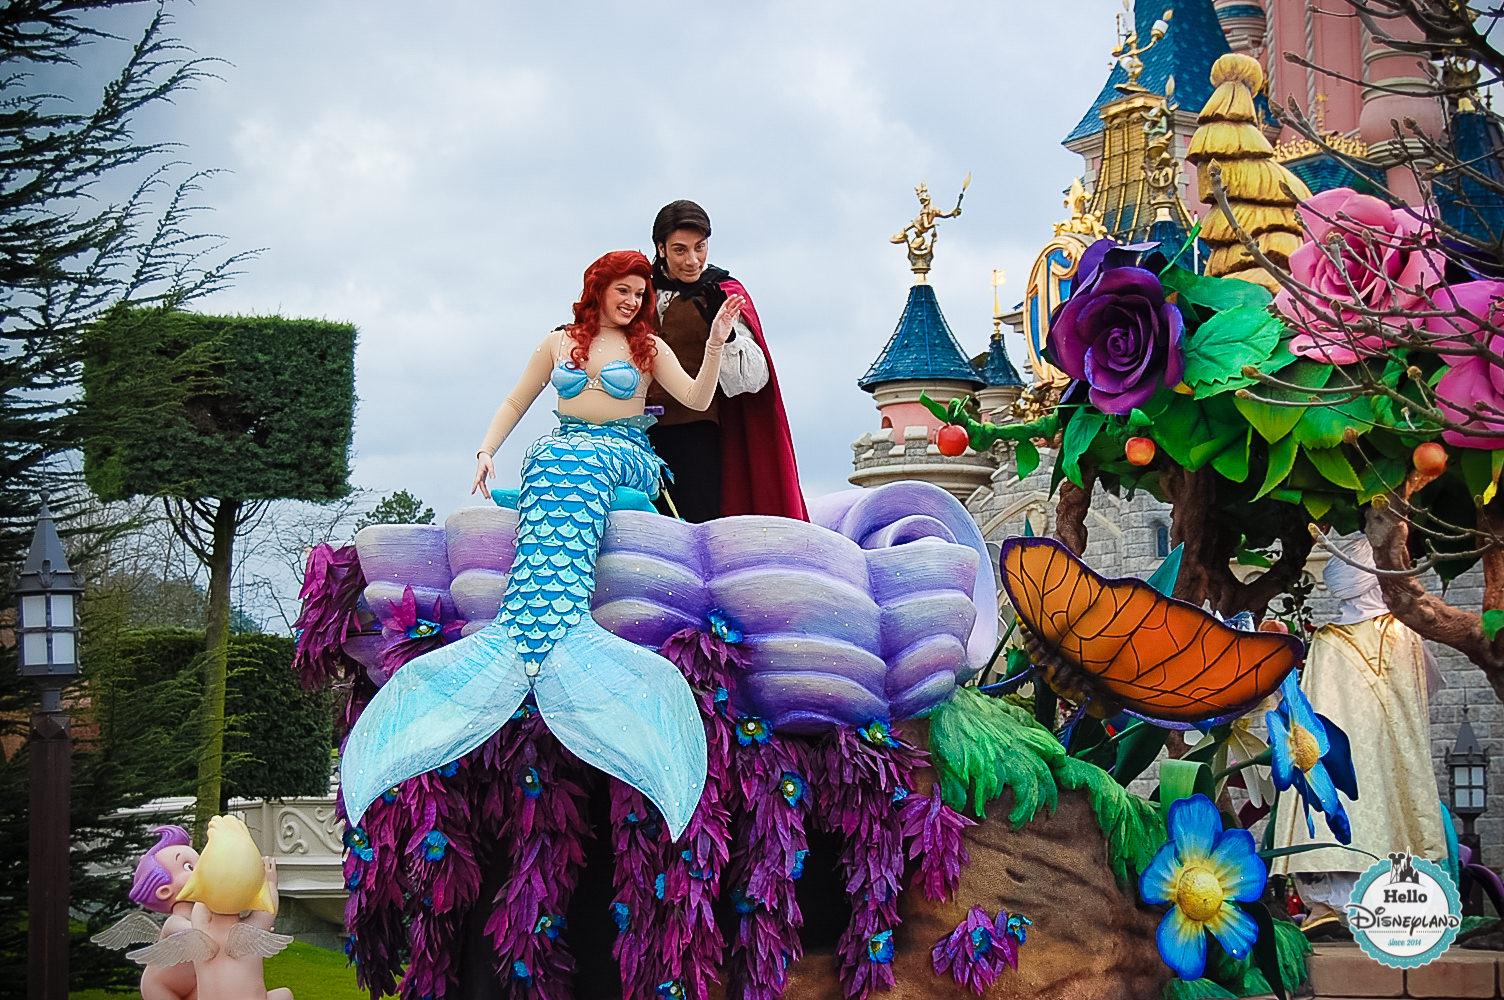 Disney Once Upon a Dream Parade - Disneyland Paris -27